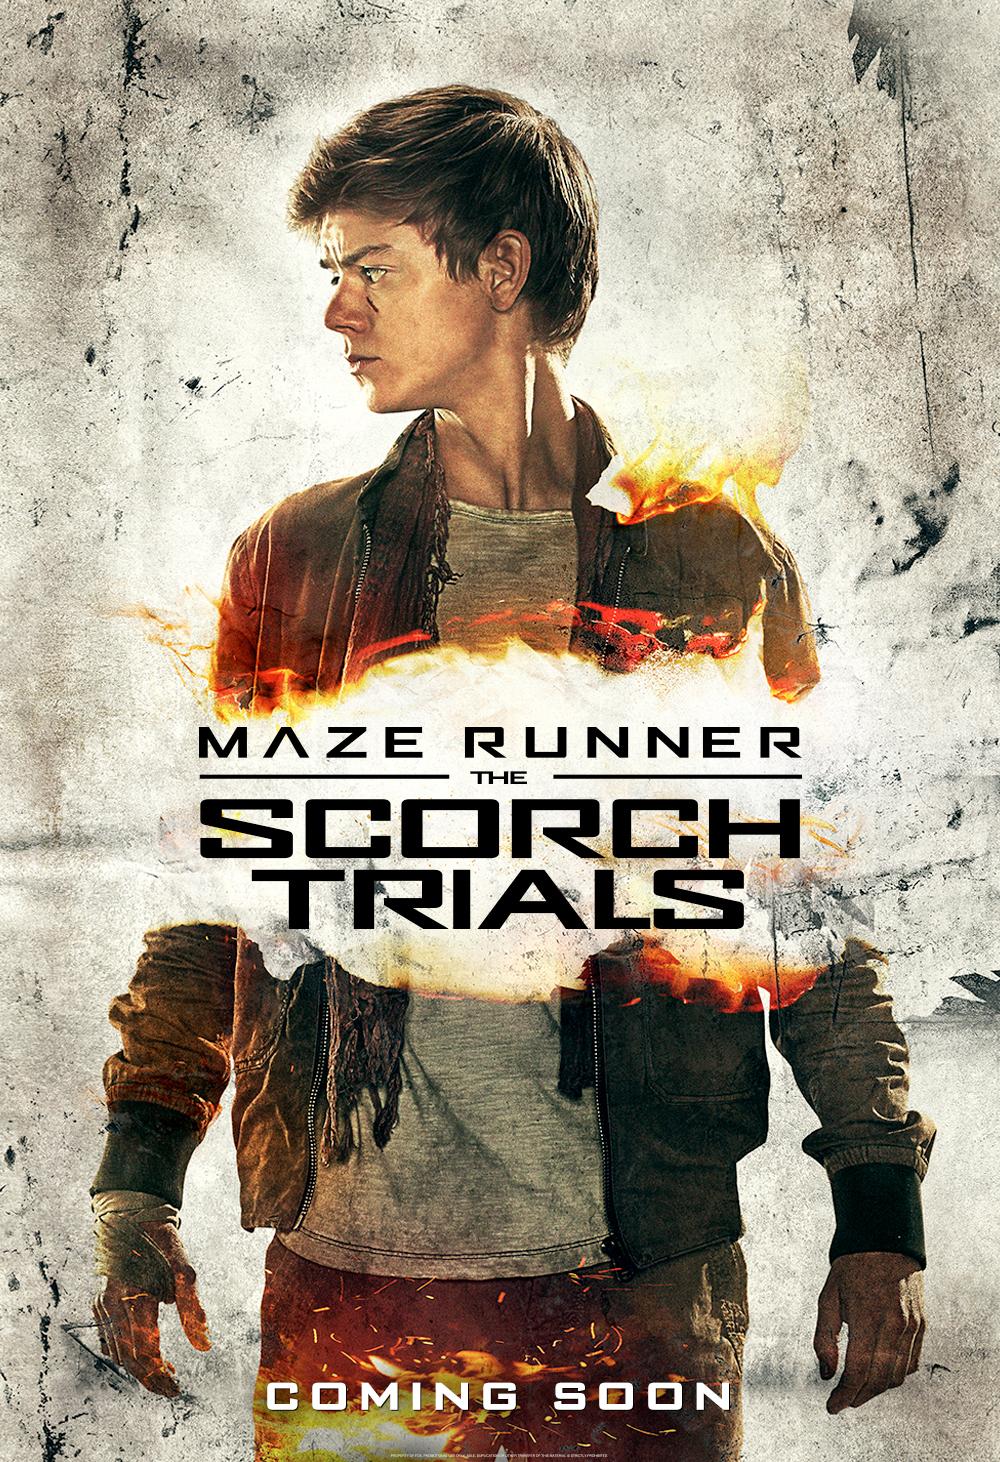 download maze runner scorch trials 720p